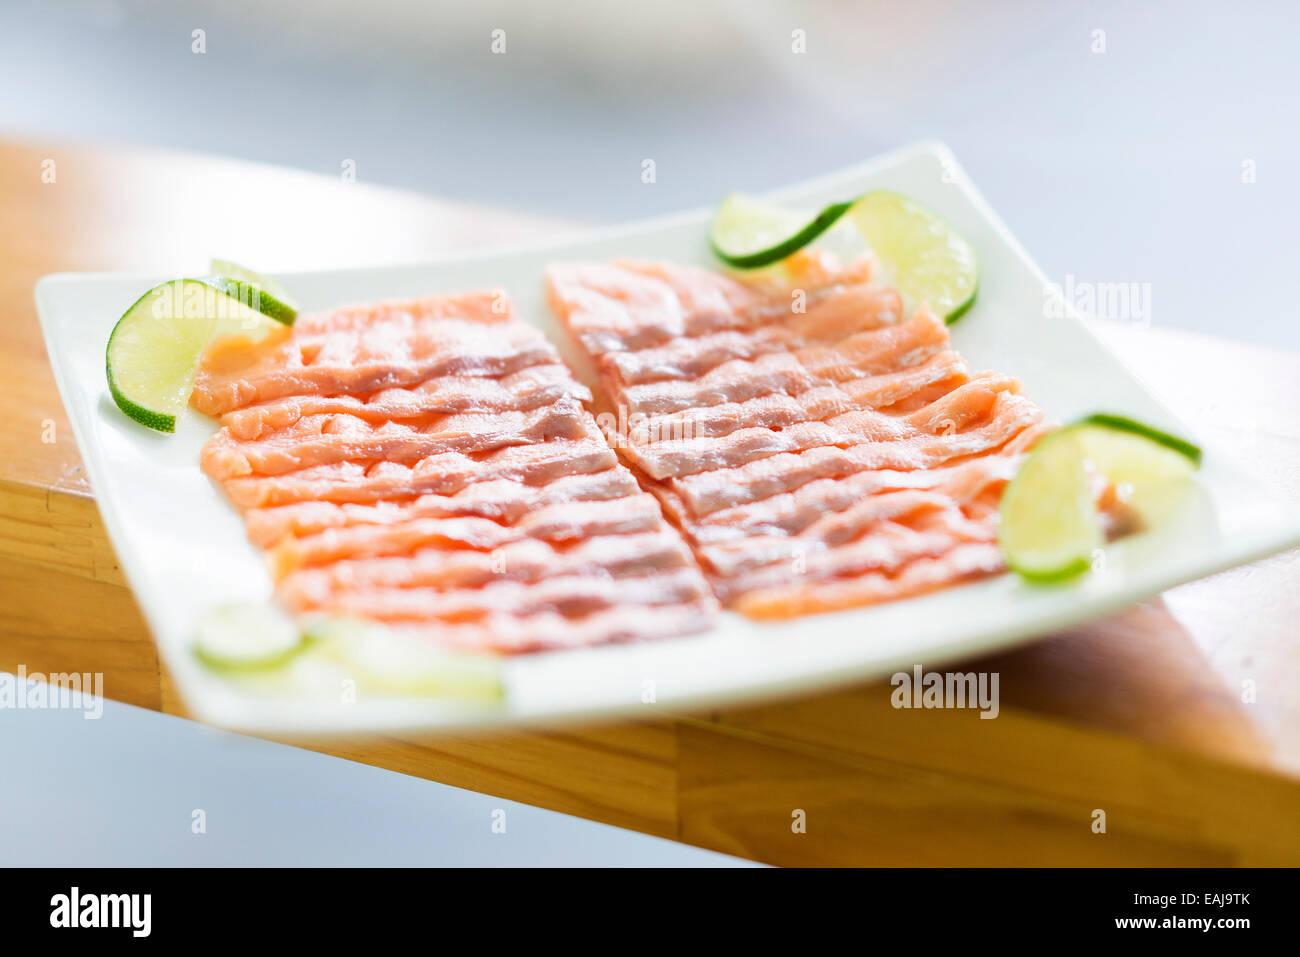 Salmone affumicato piatto sulla piastra con calce Immagini Stock